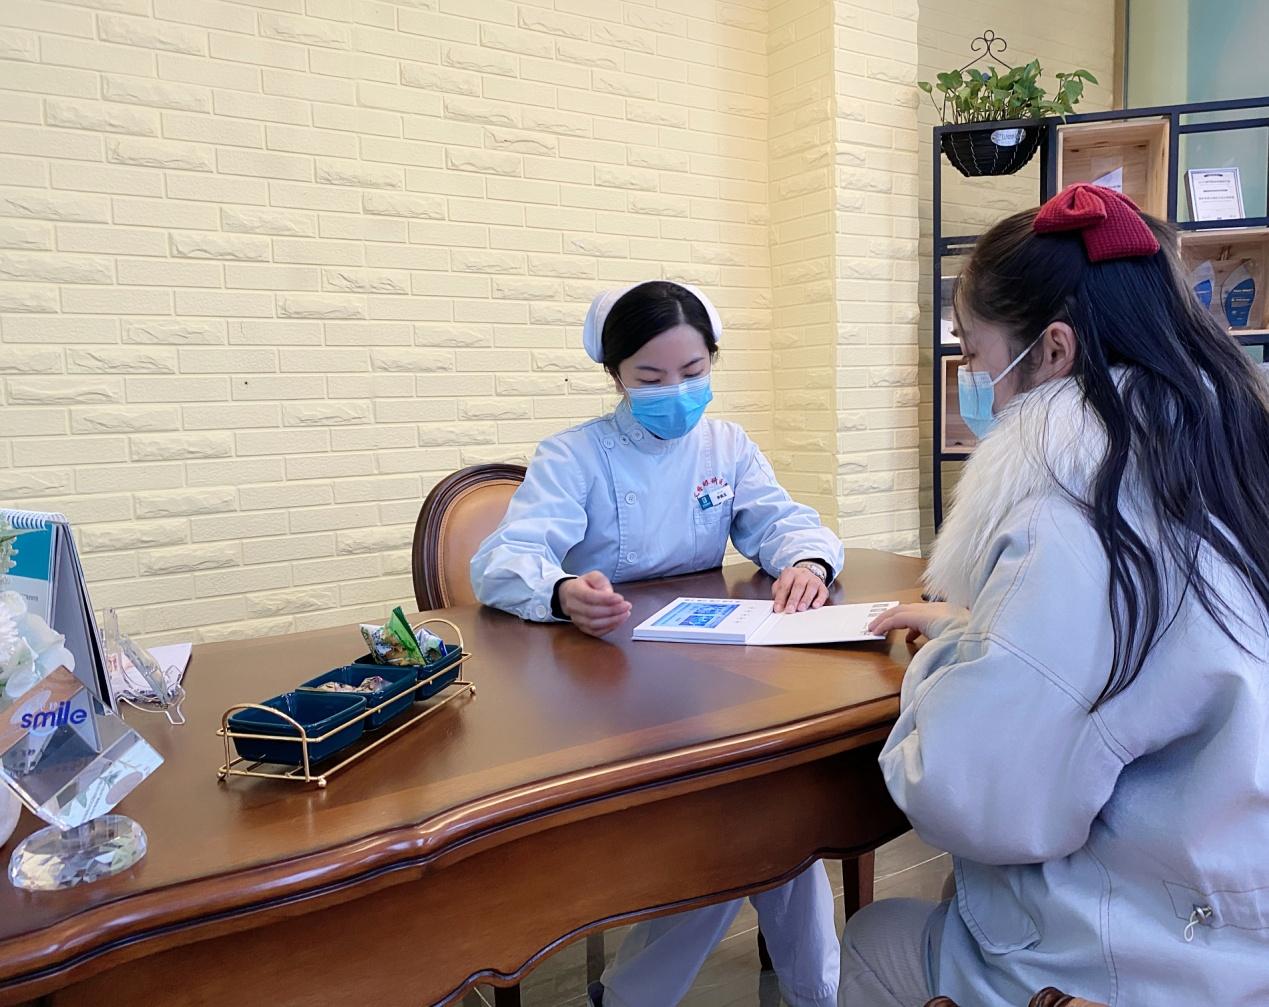 艾格眼科金牌讲师屈光科护士长受邀再战蔡司患教实训营!